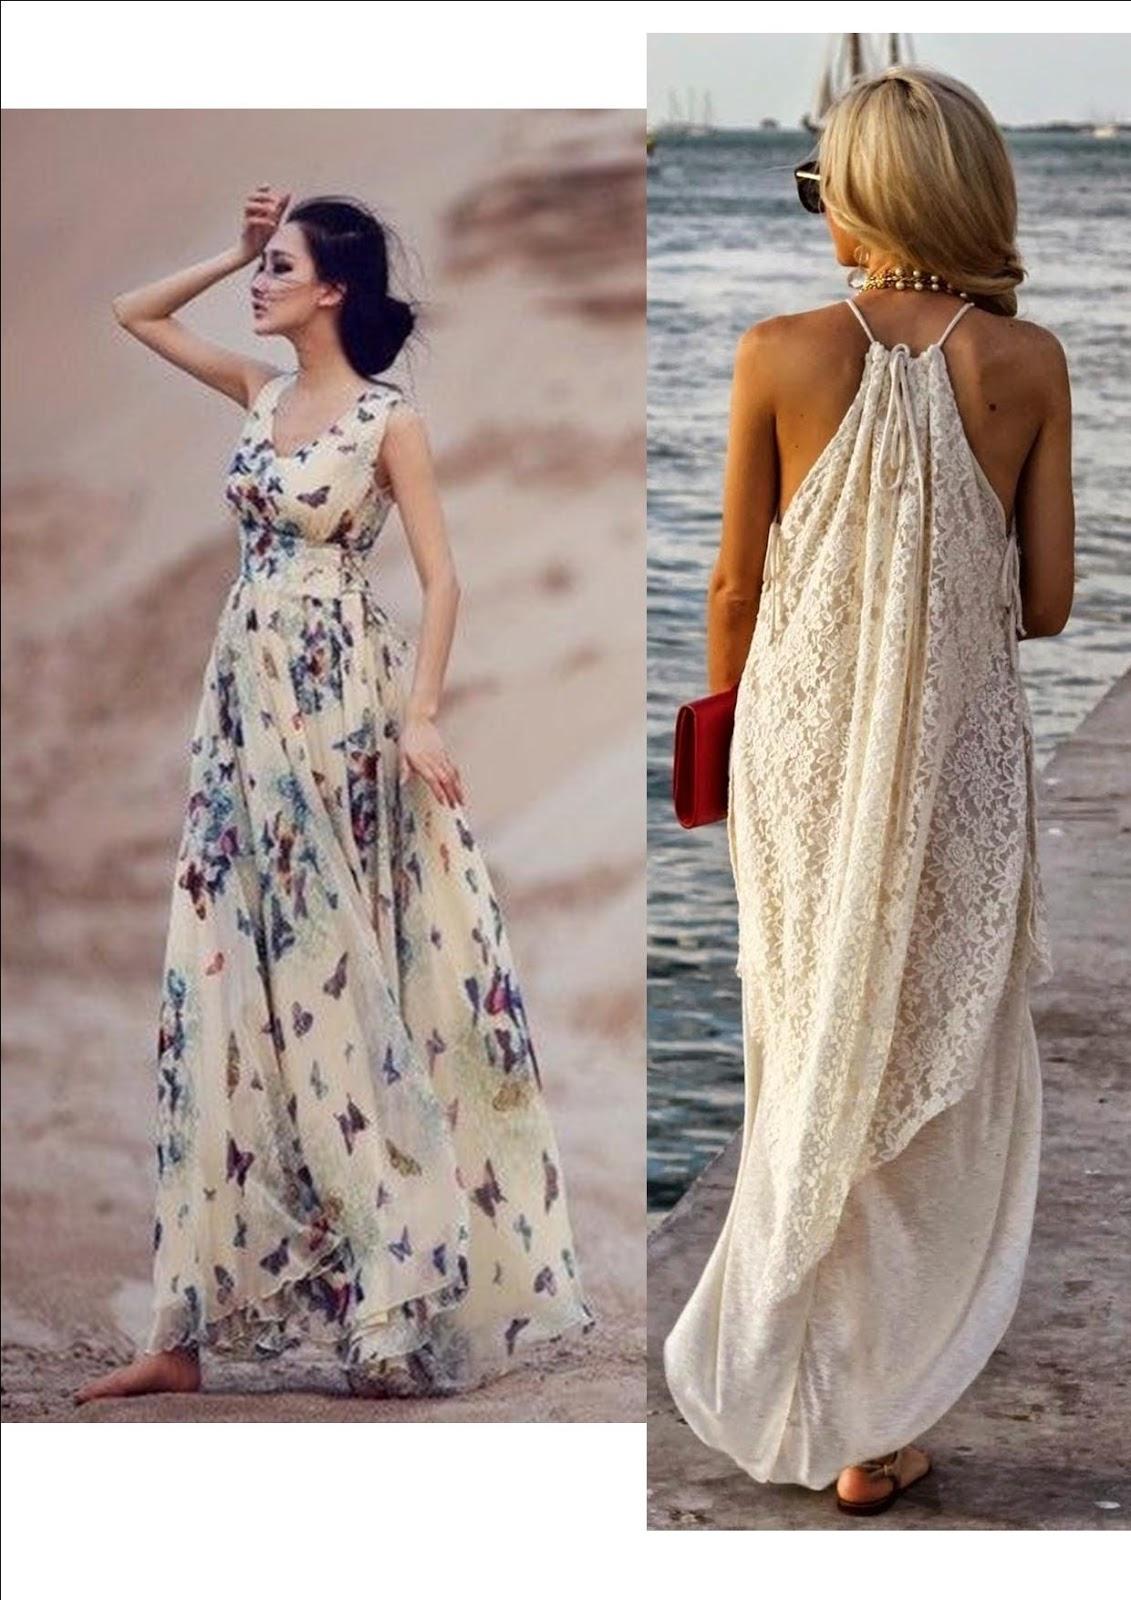 Matrimonio Sulla Spiaggia Abbigliamento Invitati : Maison coco sono stata invitata ad un matrimonio il look